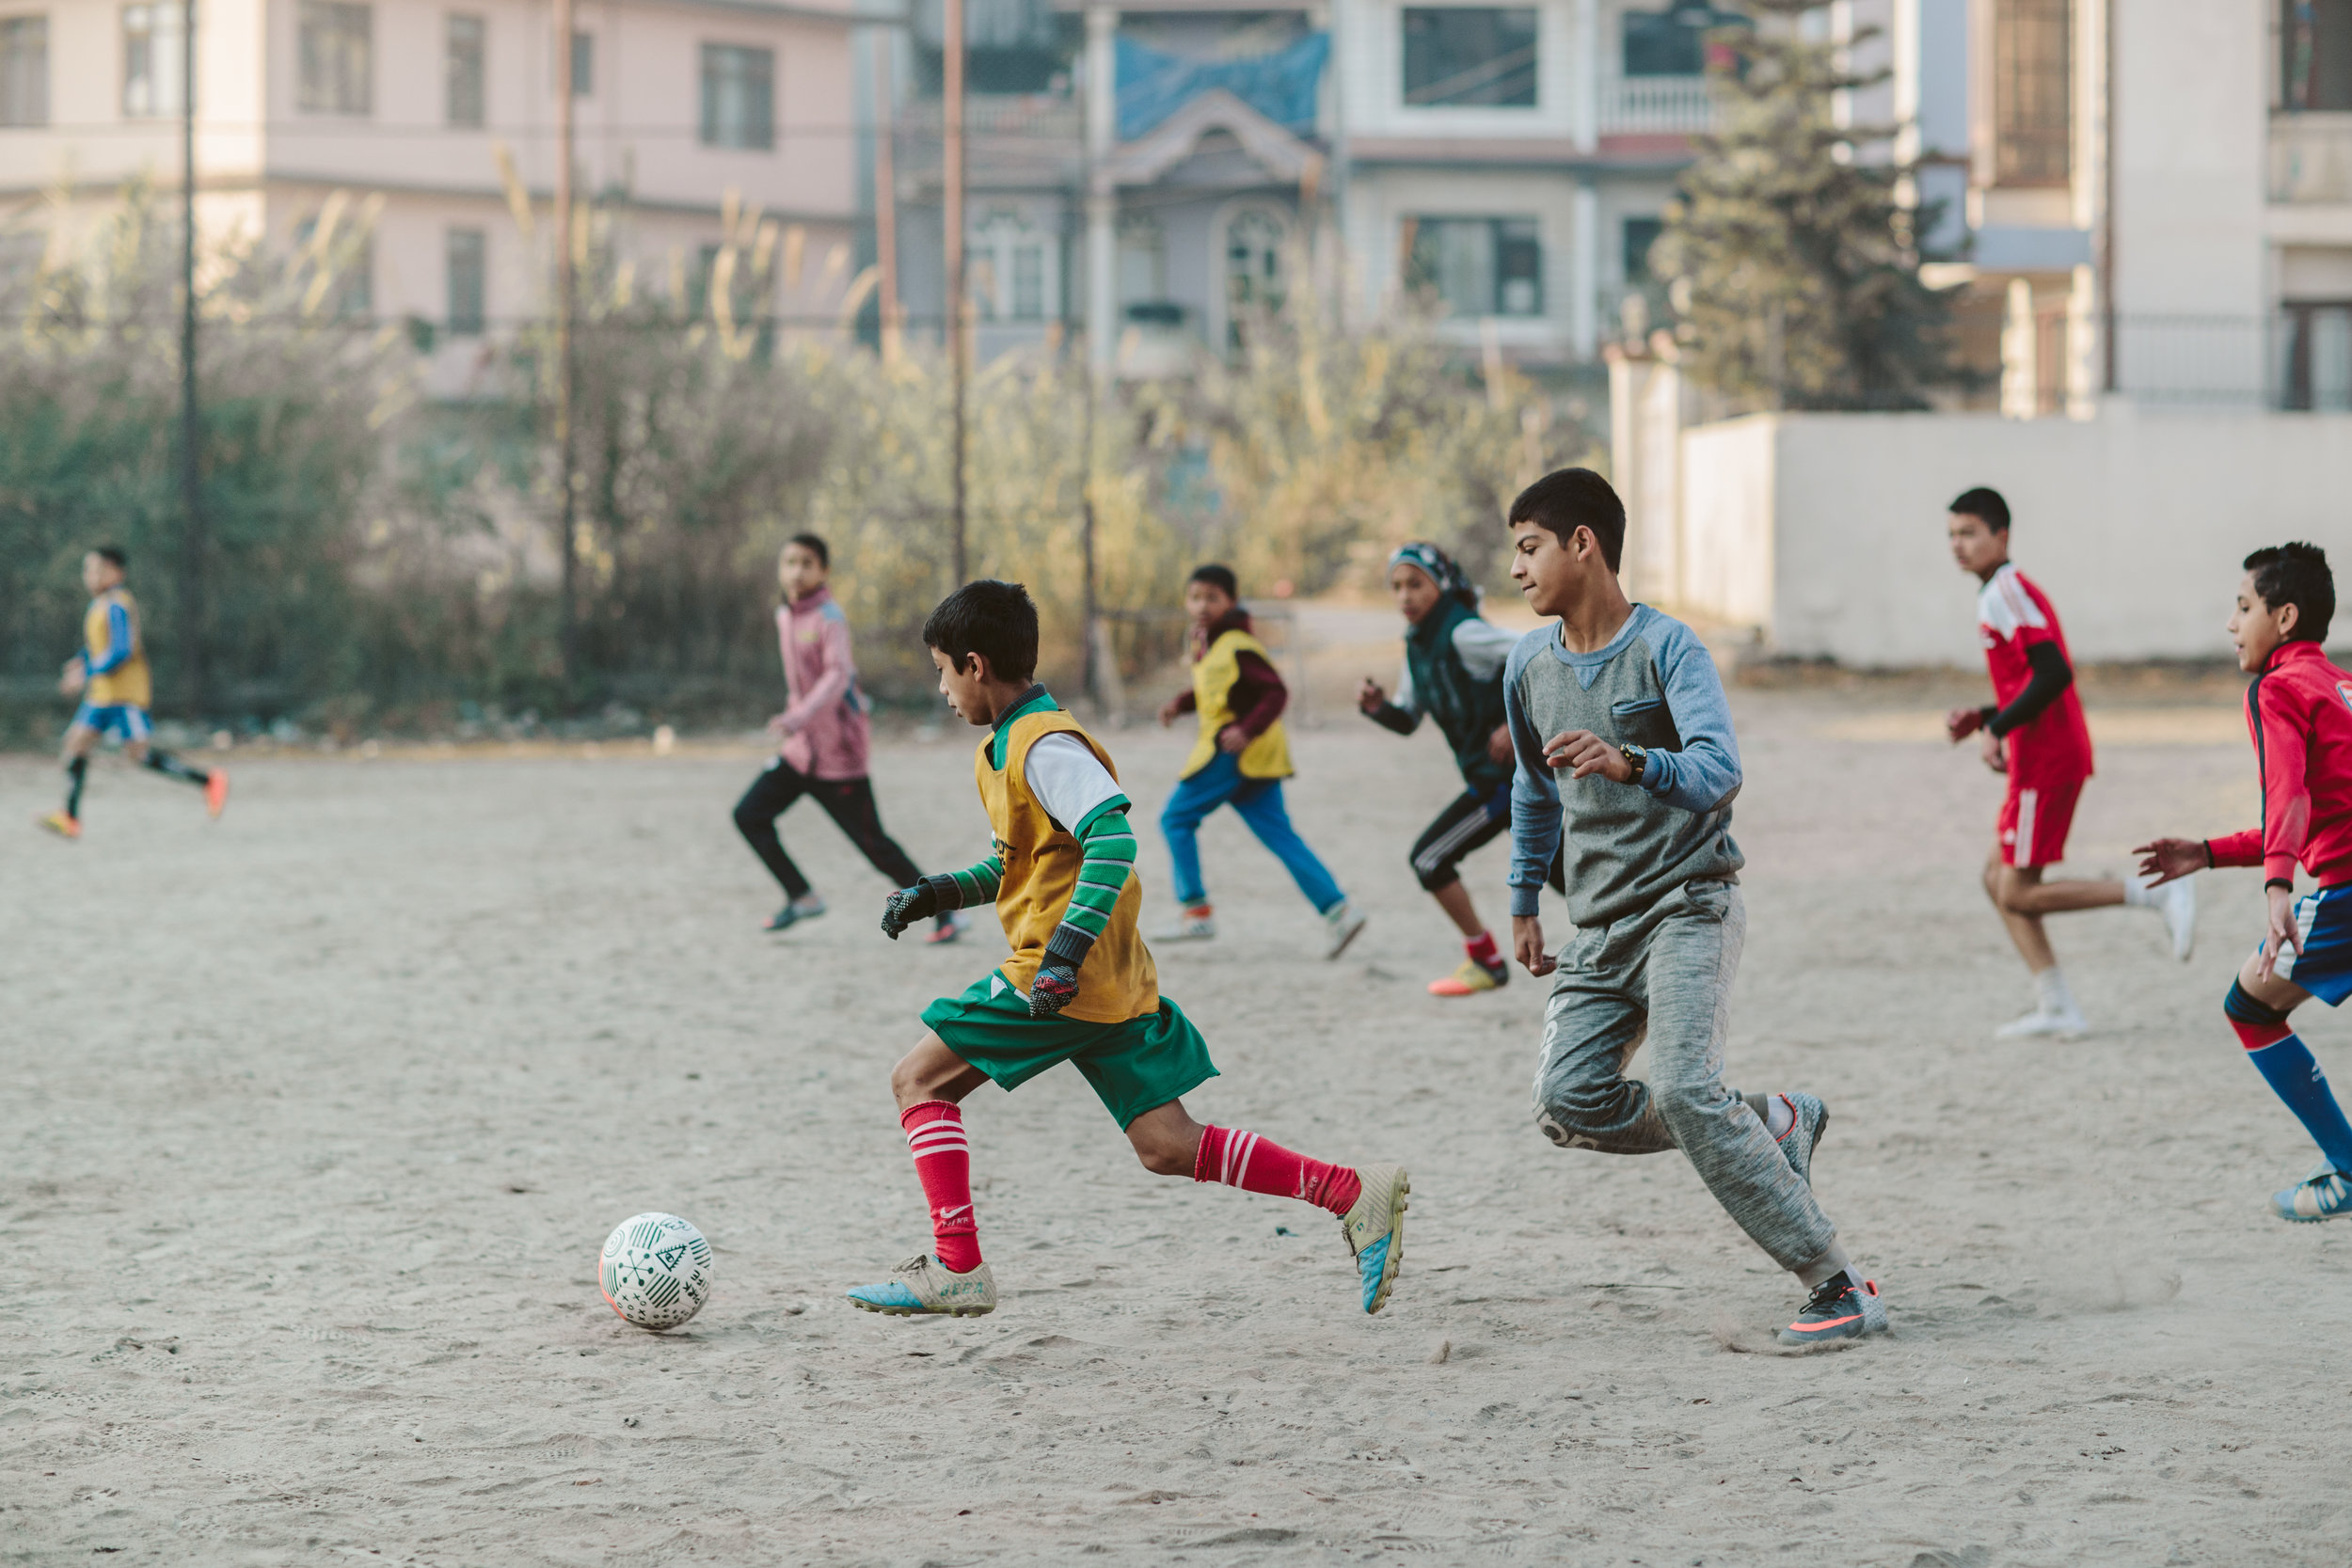 passaball_nepal-16.jpg